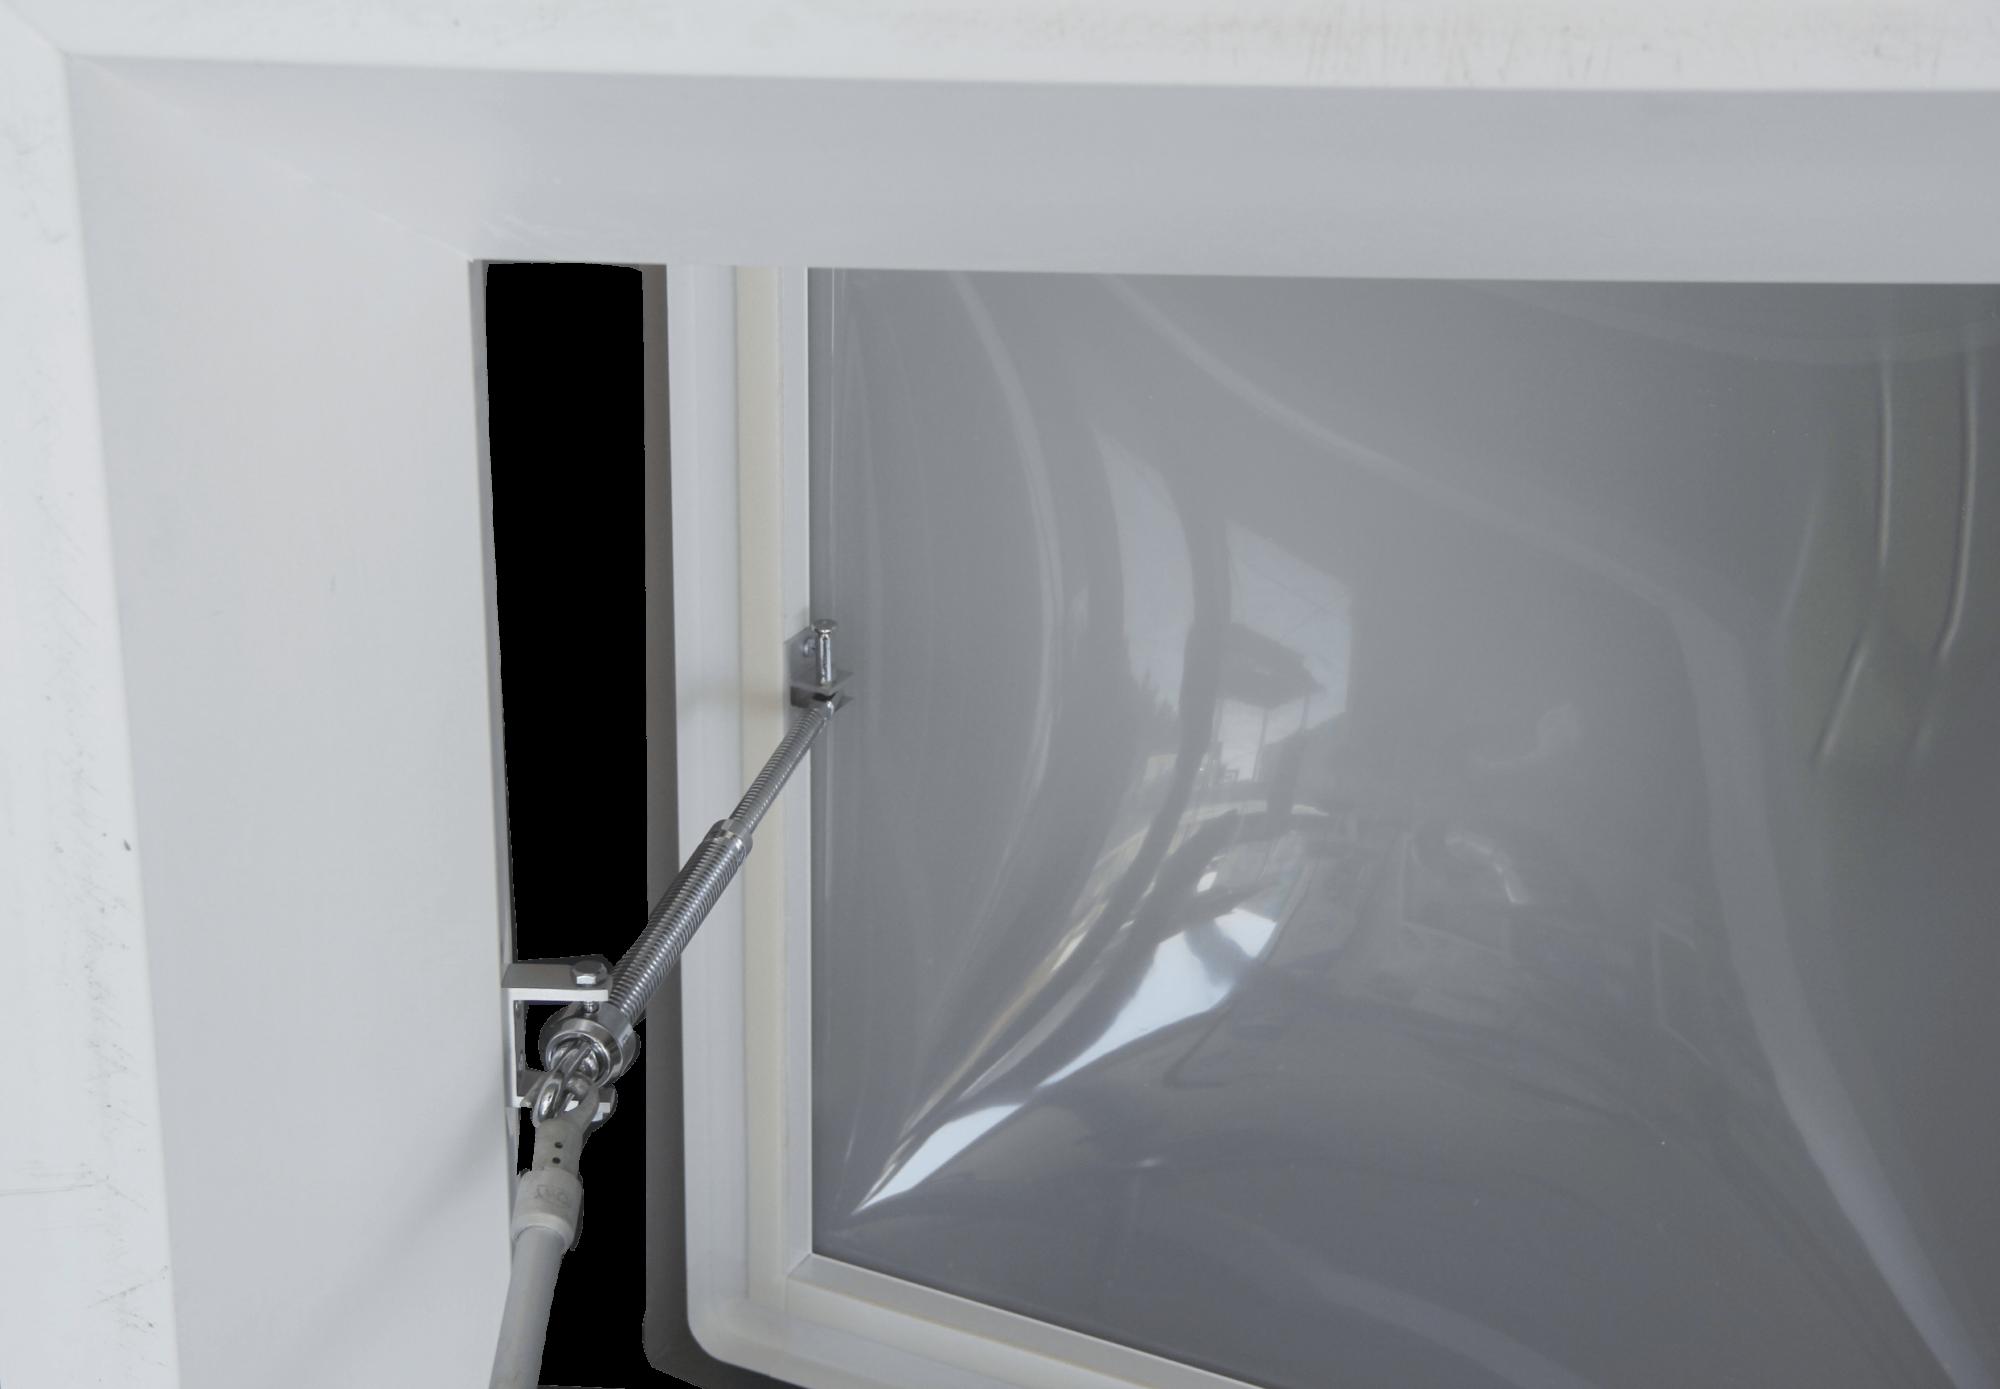 Claraboya de apertura manual para ventilación natural de la vivienda con husillo y manivela